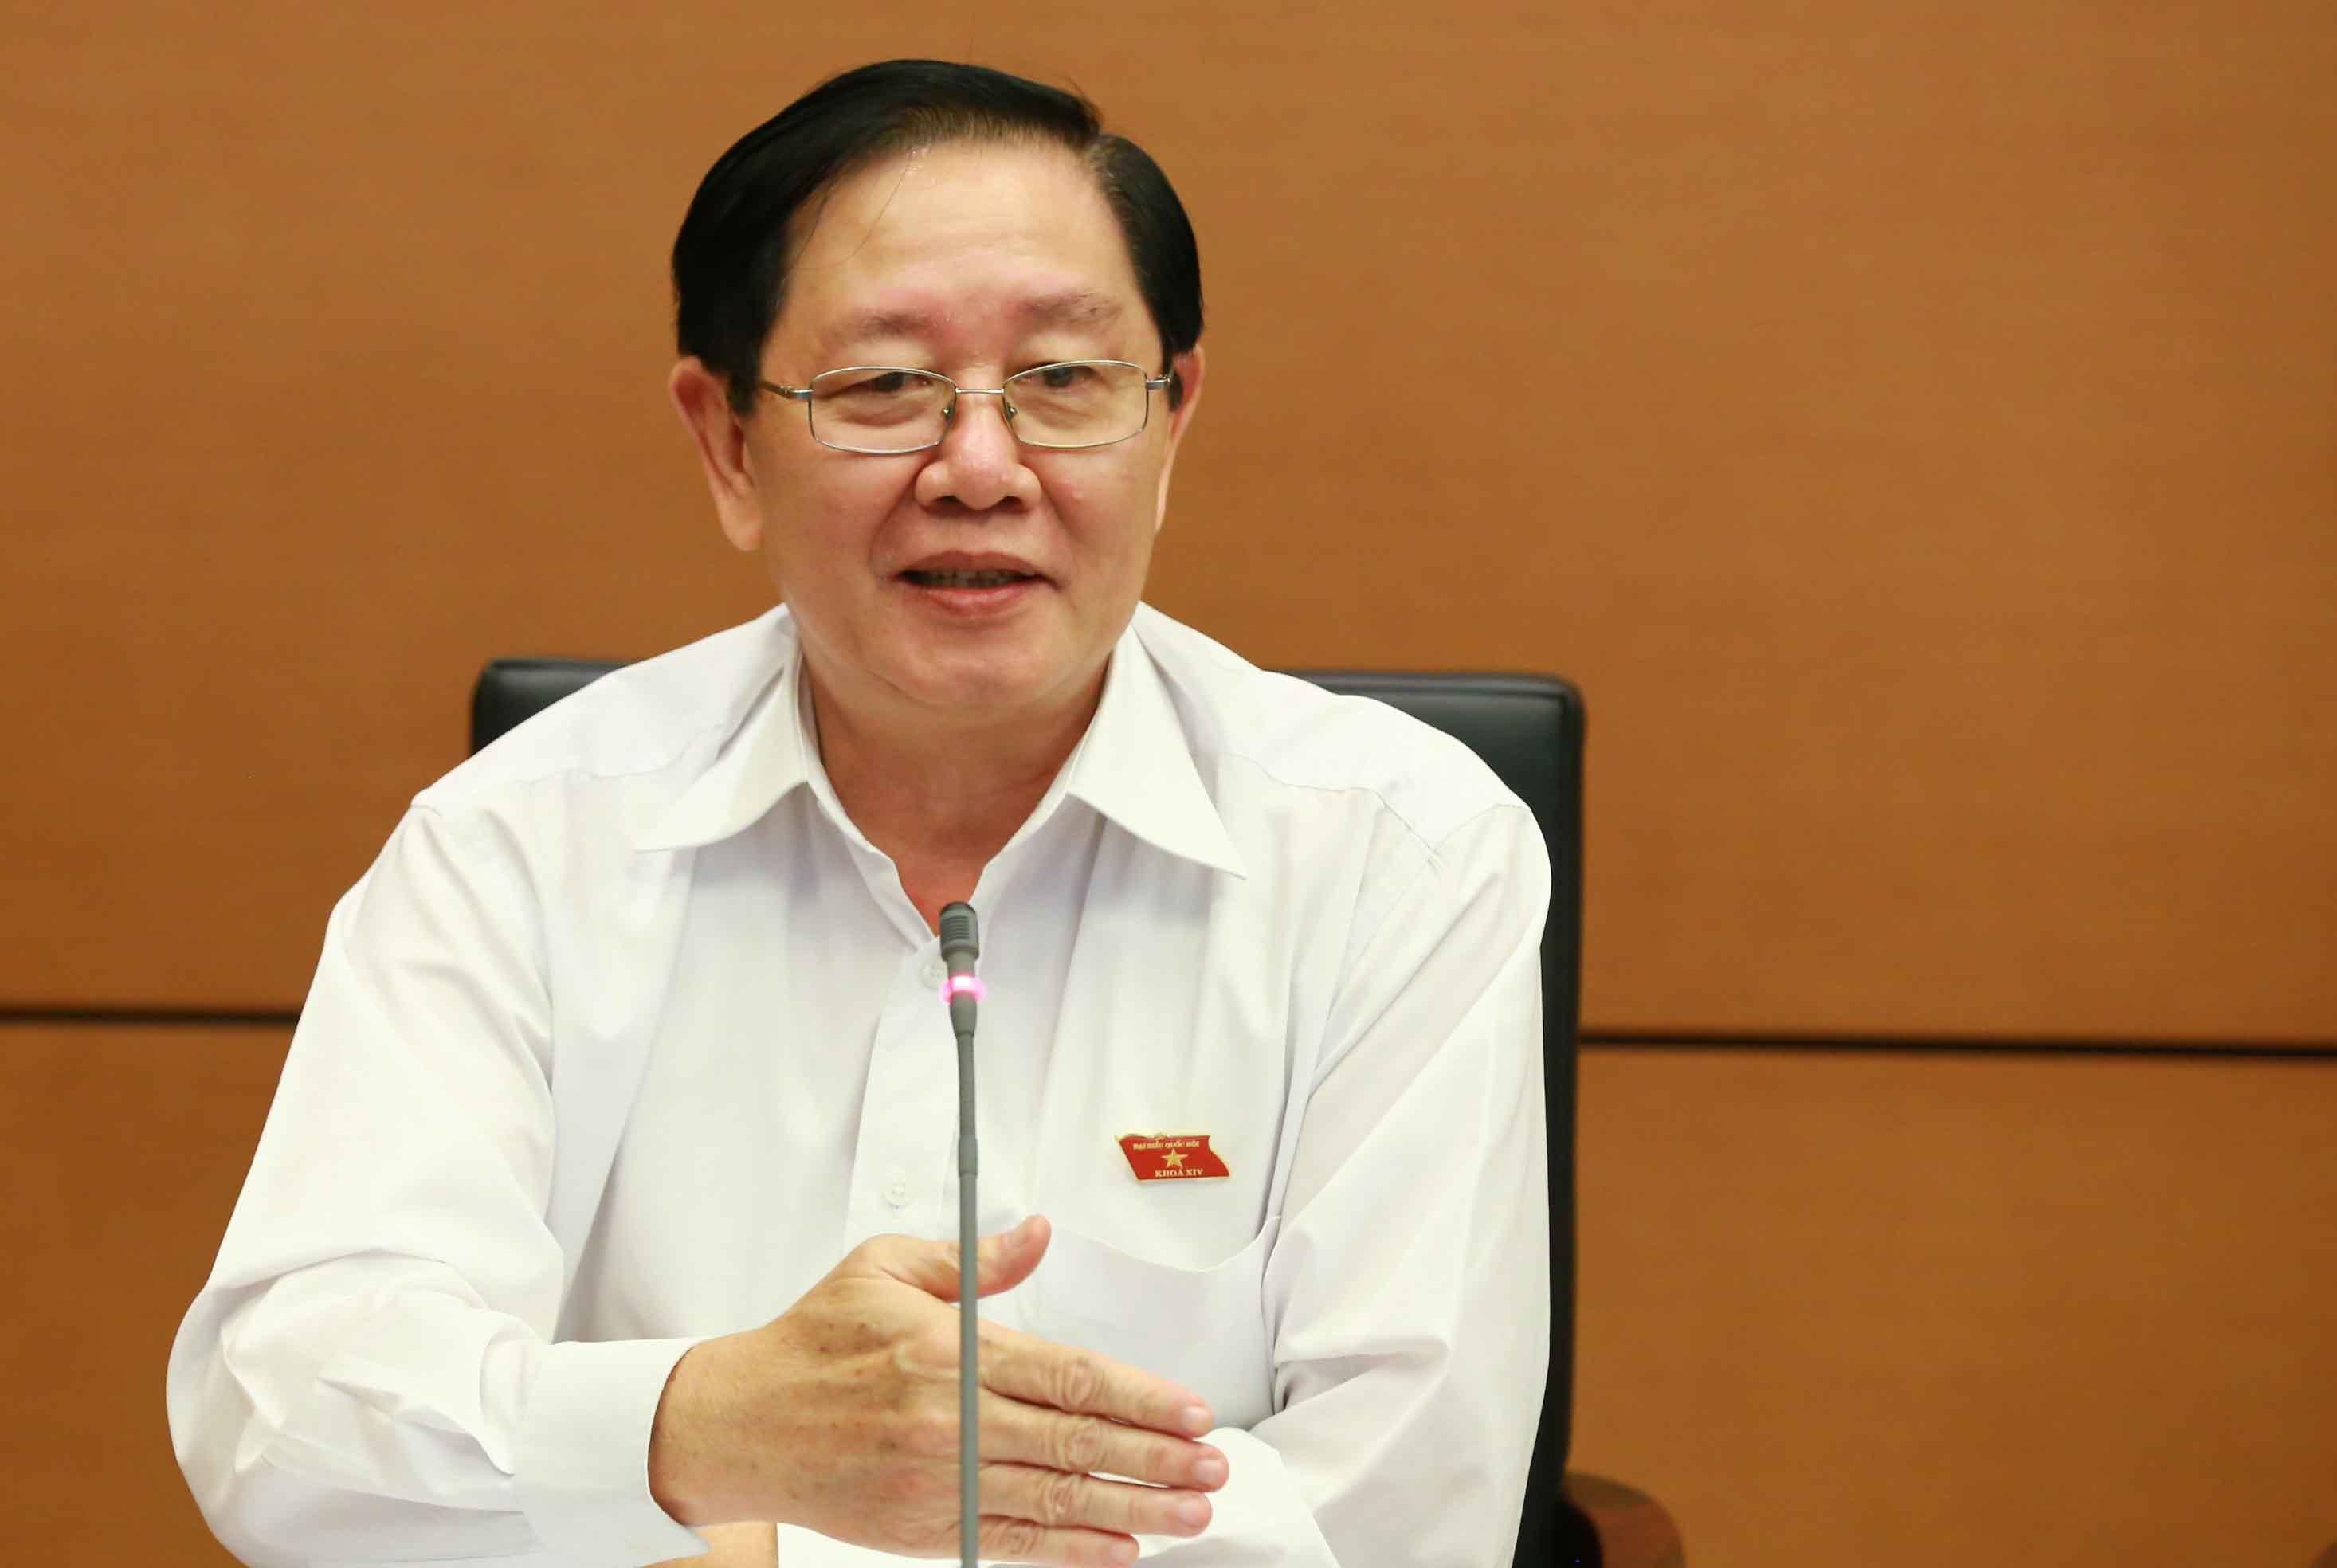 Bộ trưởng Nội vụ,Lào Cai,hợp nhất,sáp nhập,tinh gọn bộ máy,sắp xếp bộ máy